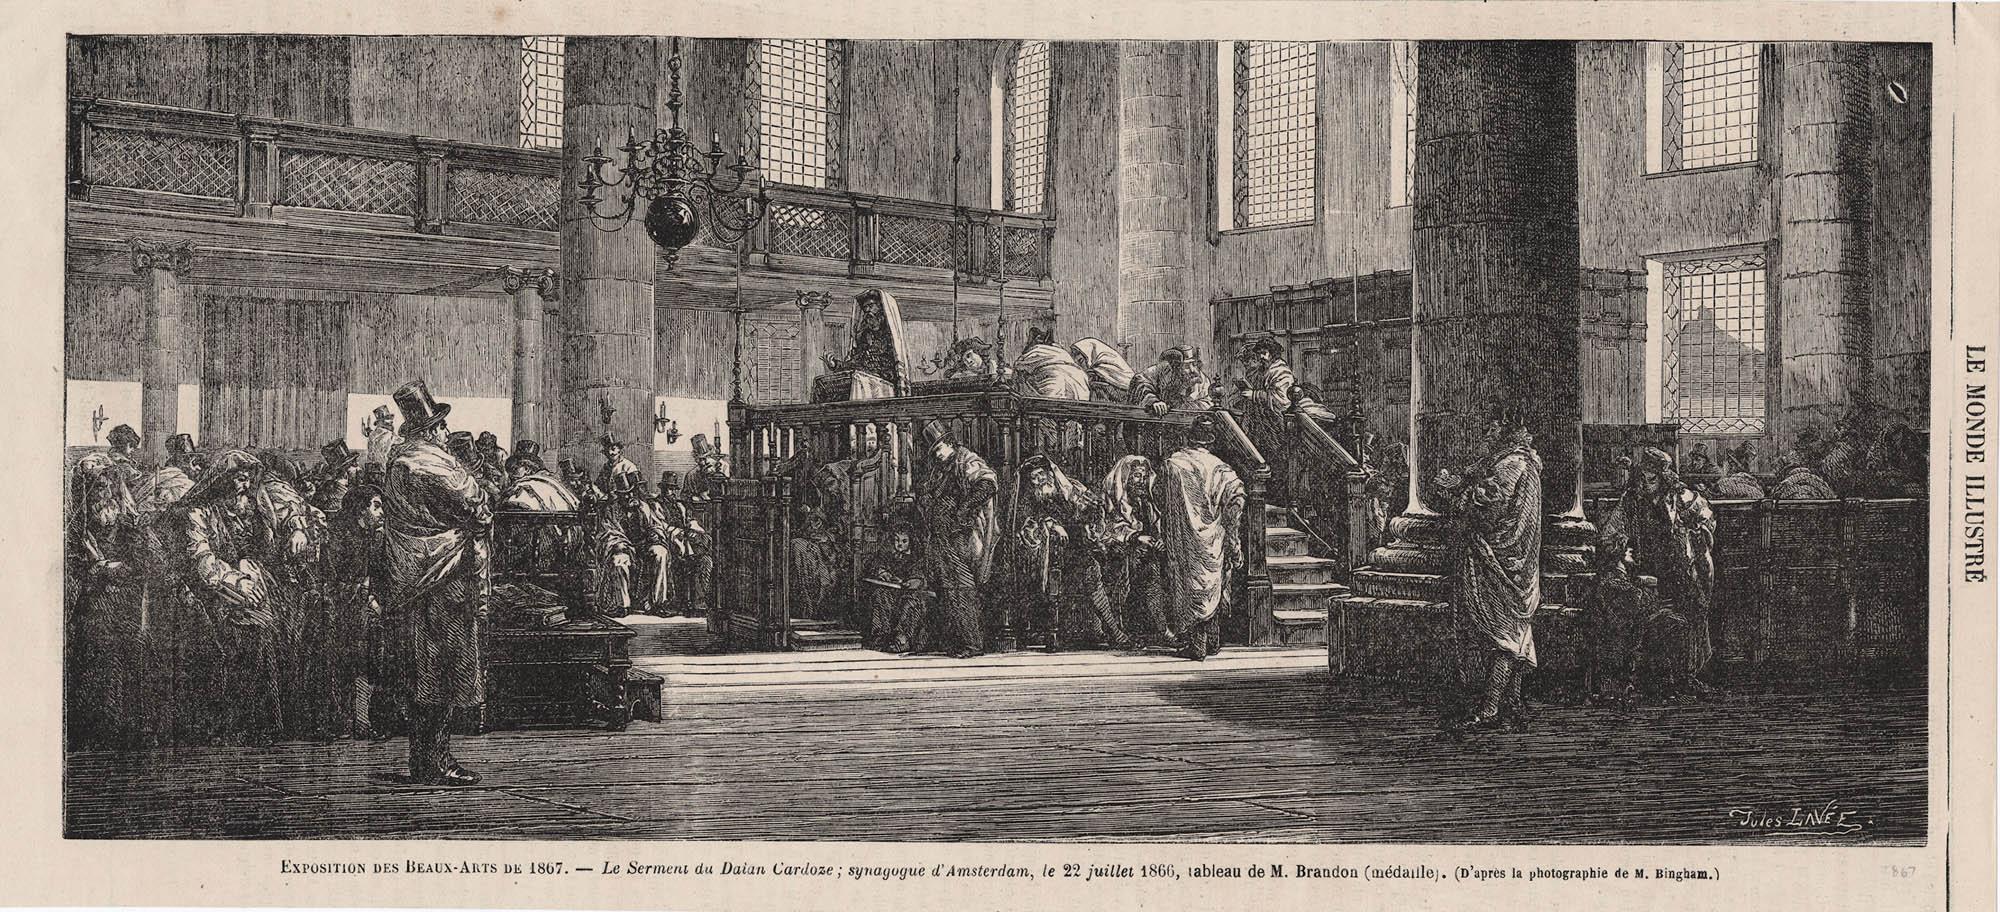 Le Serment du Daian Cardoze, synagogue d'Amsterdam, le 22 juillet 1866